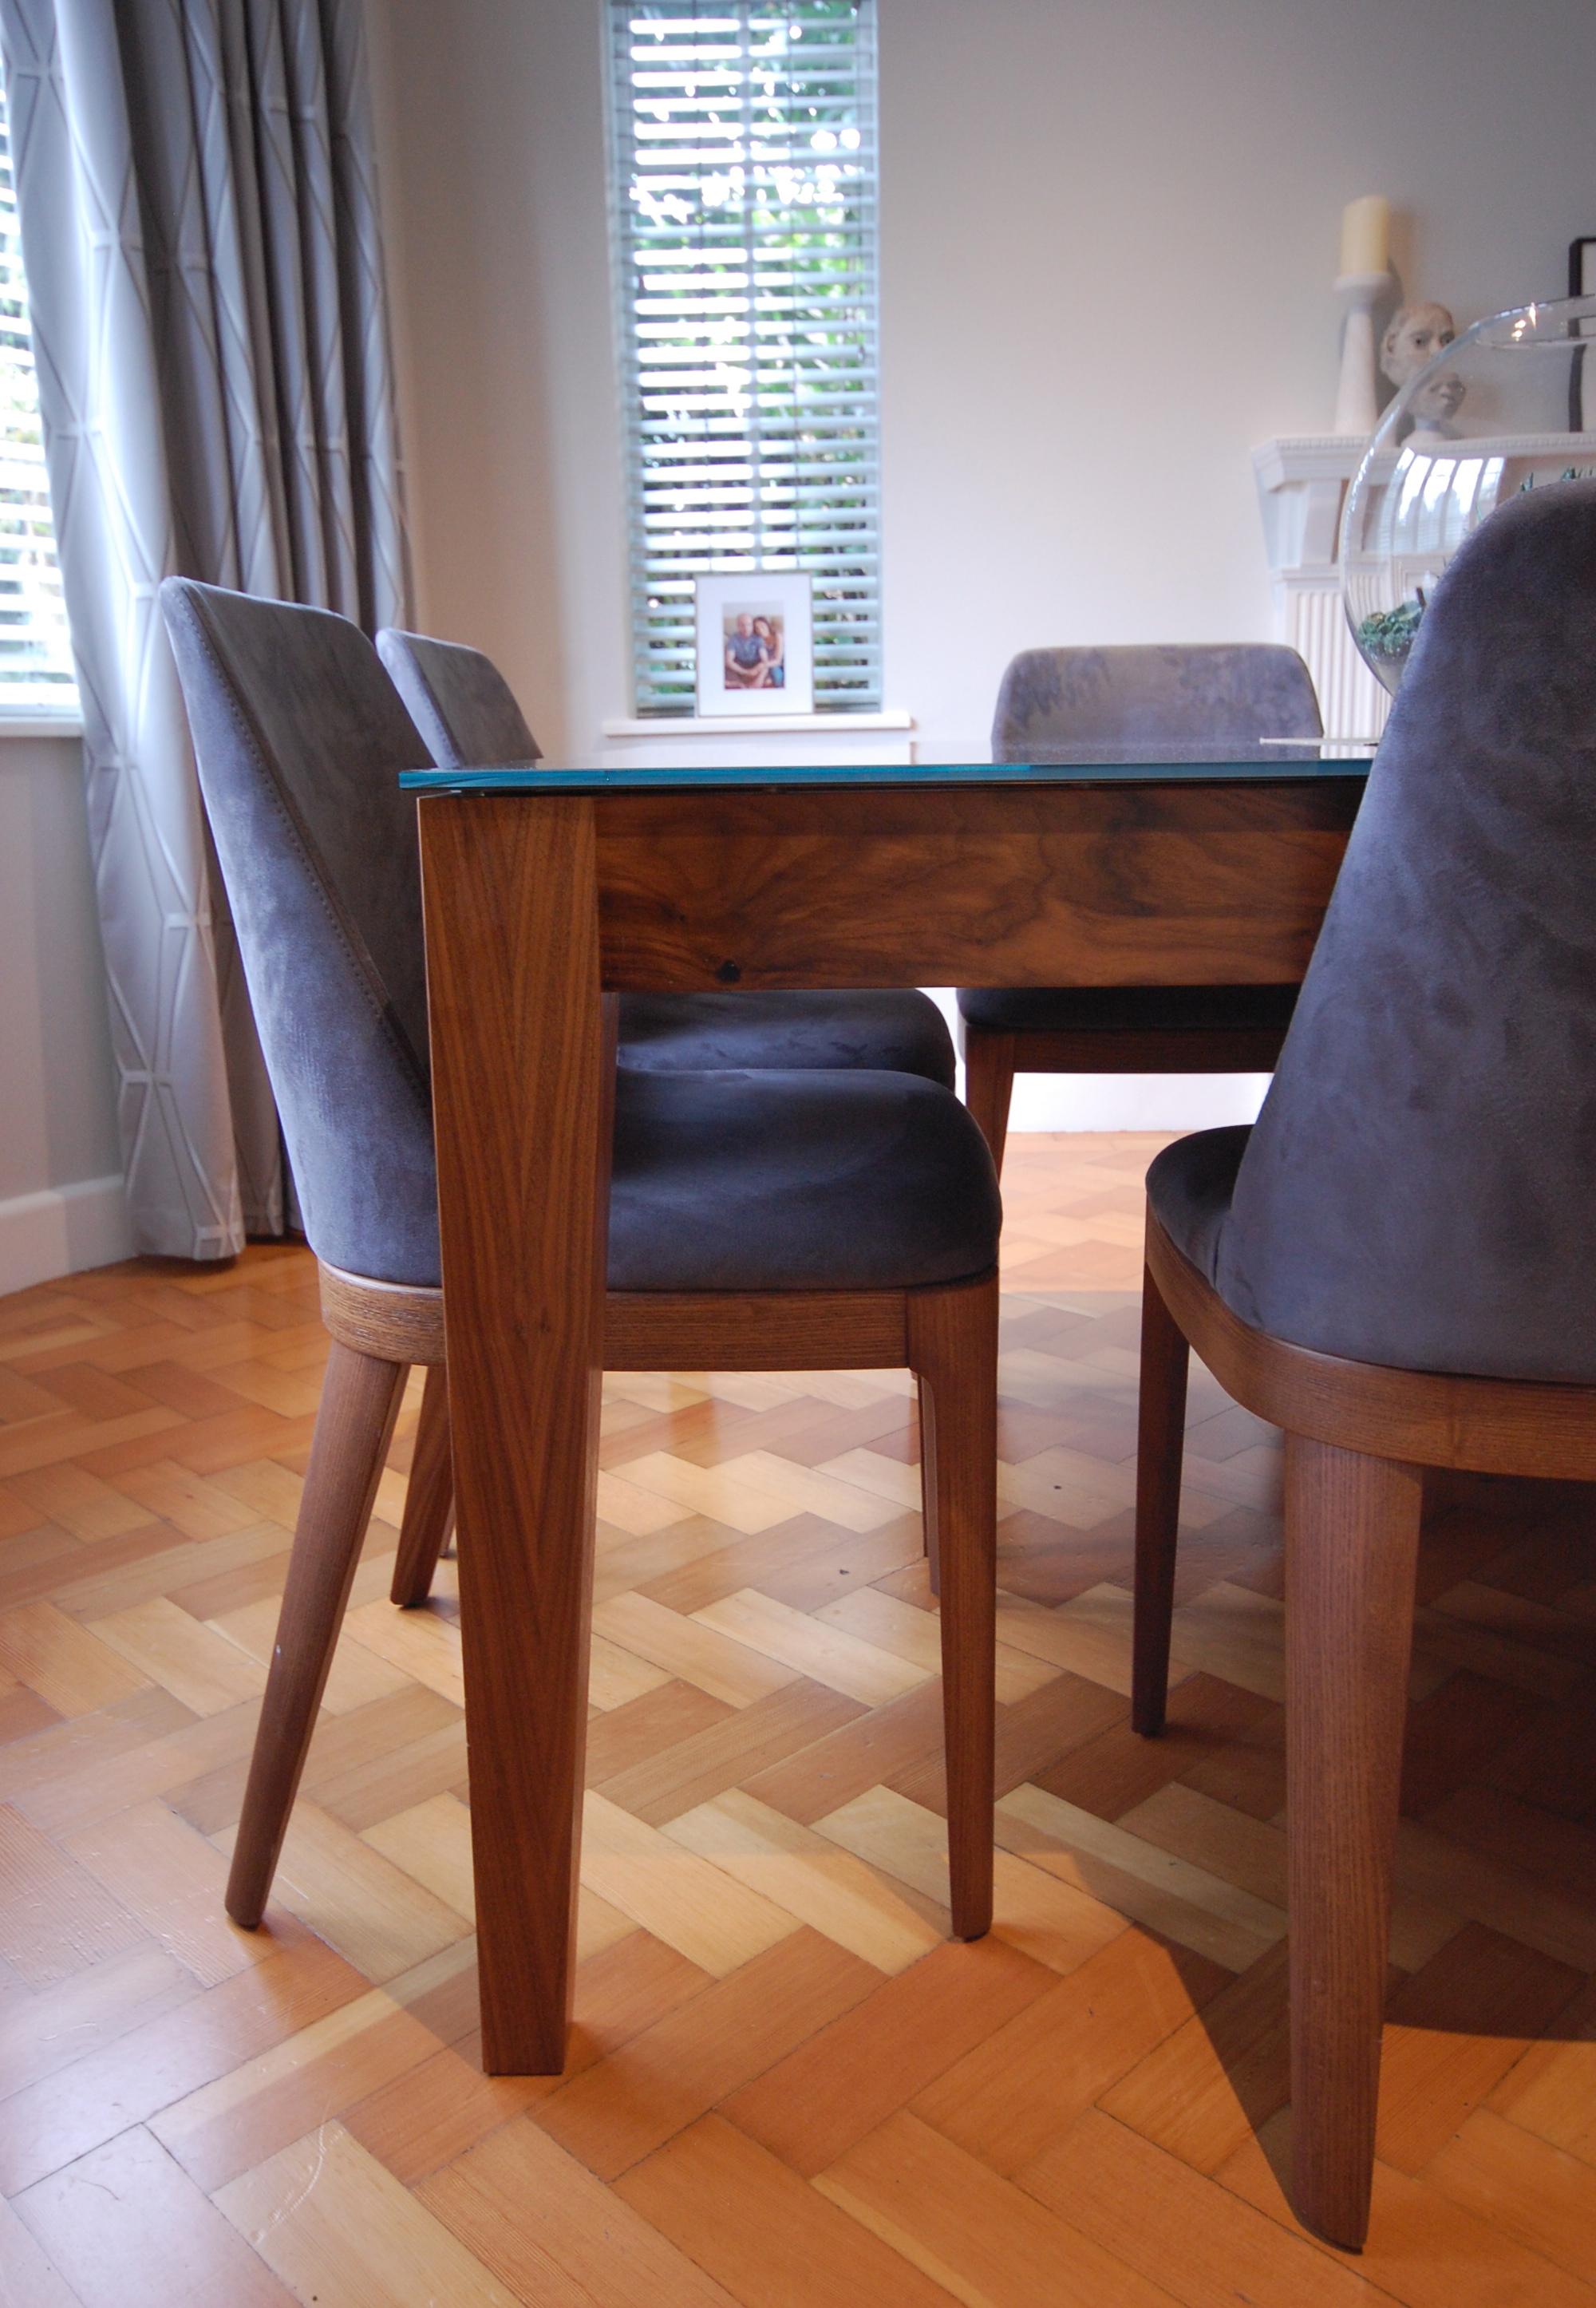 Grain_Bespoke_Furniture_Dining_Table_Sideboard_2.jpg